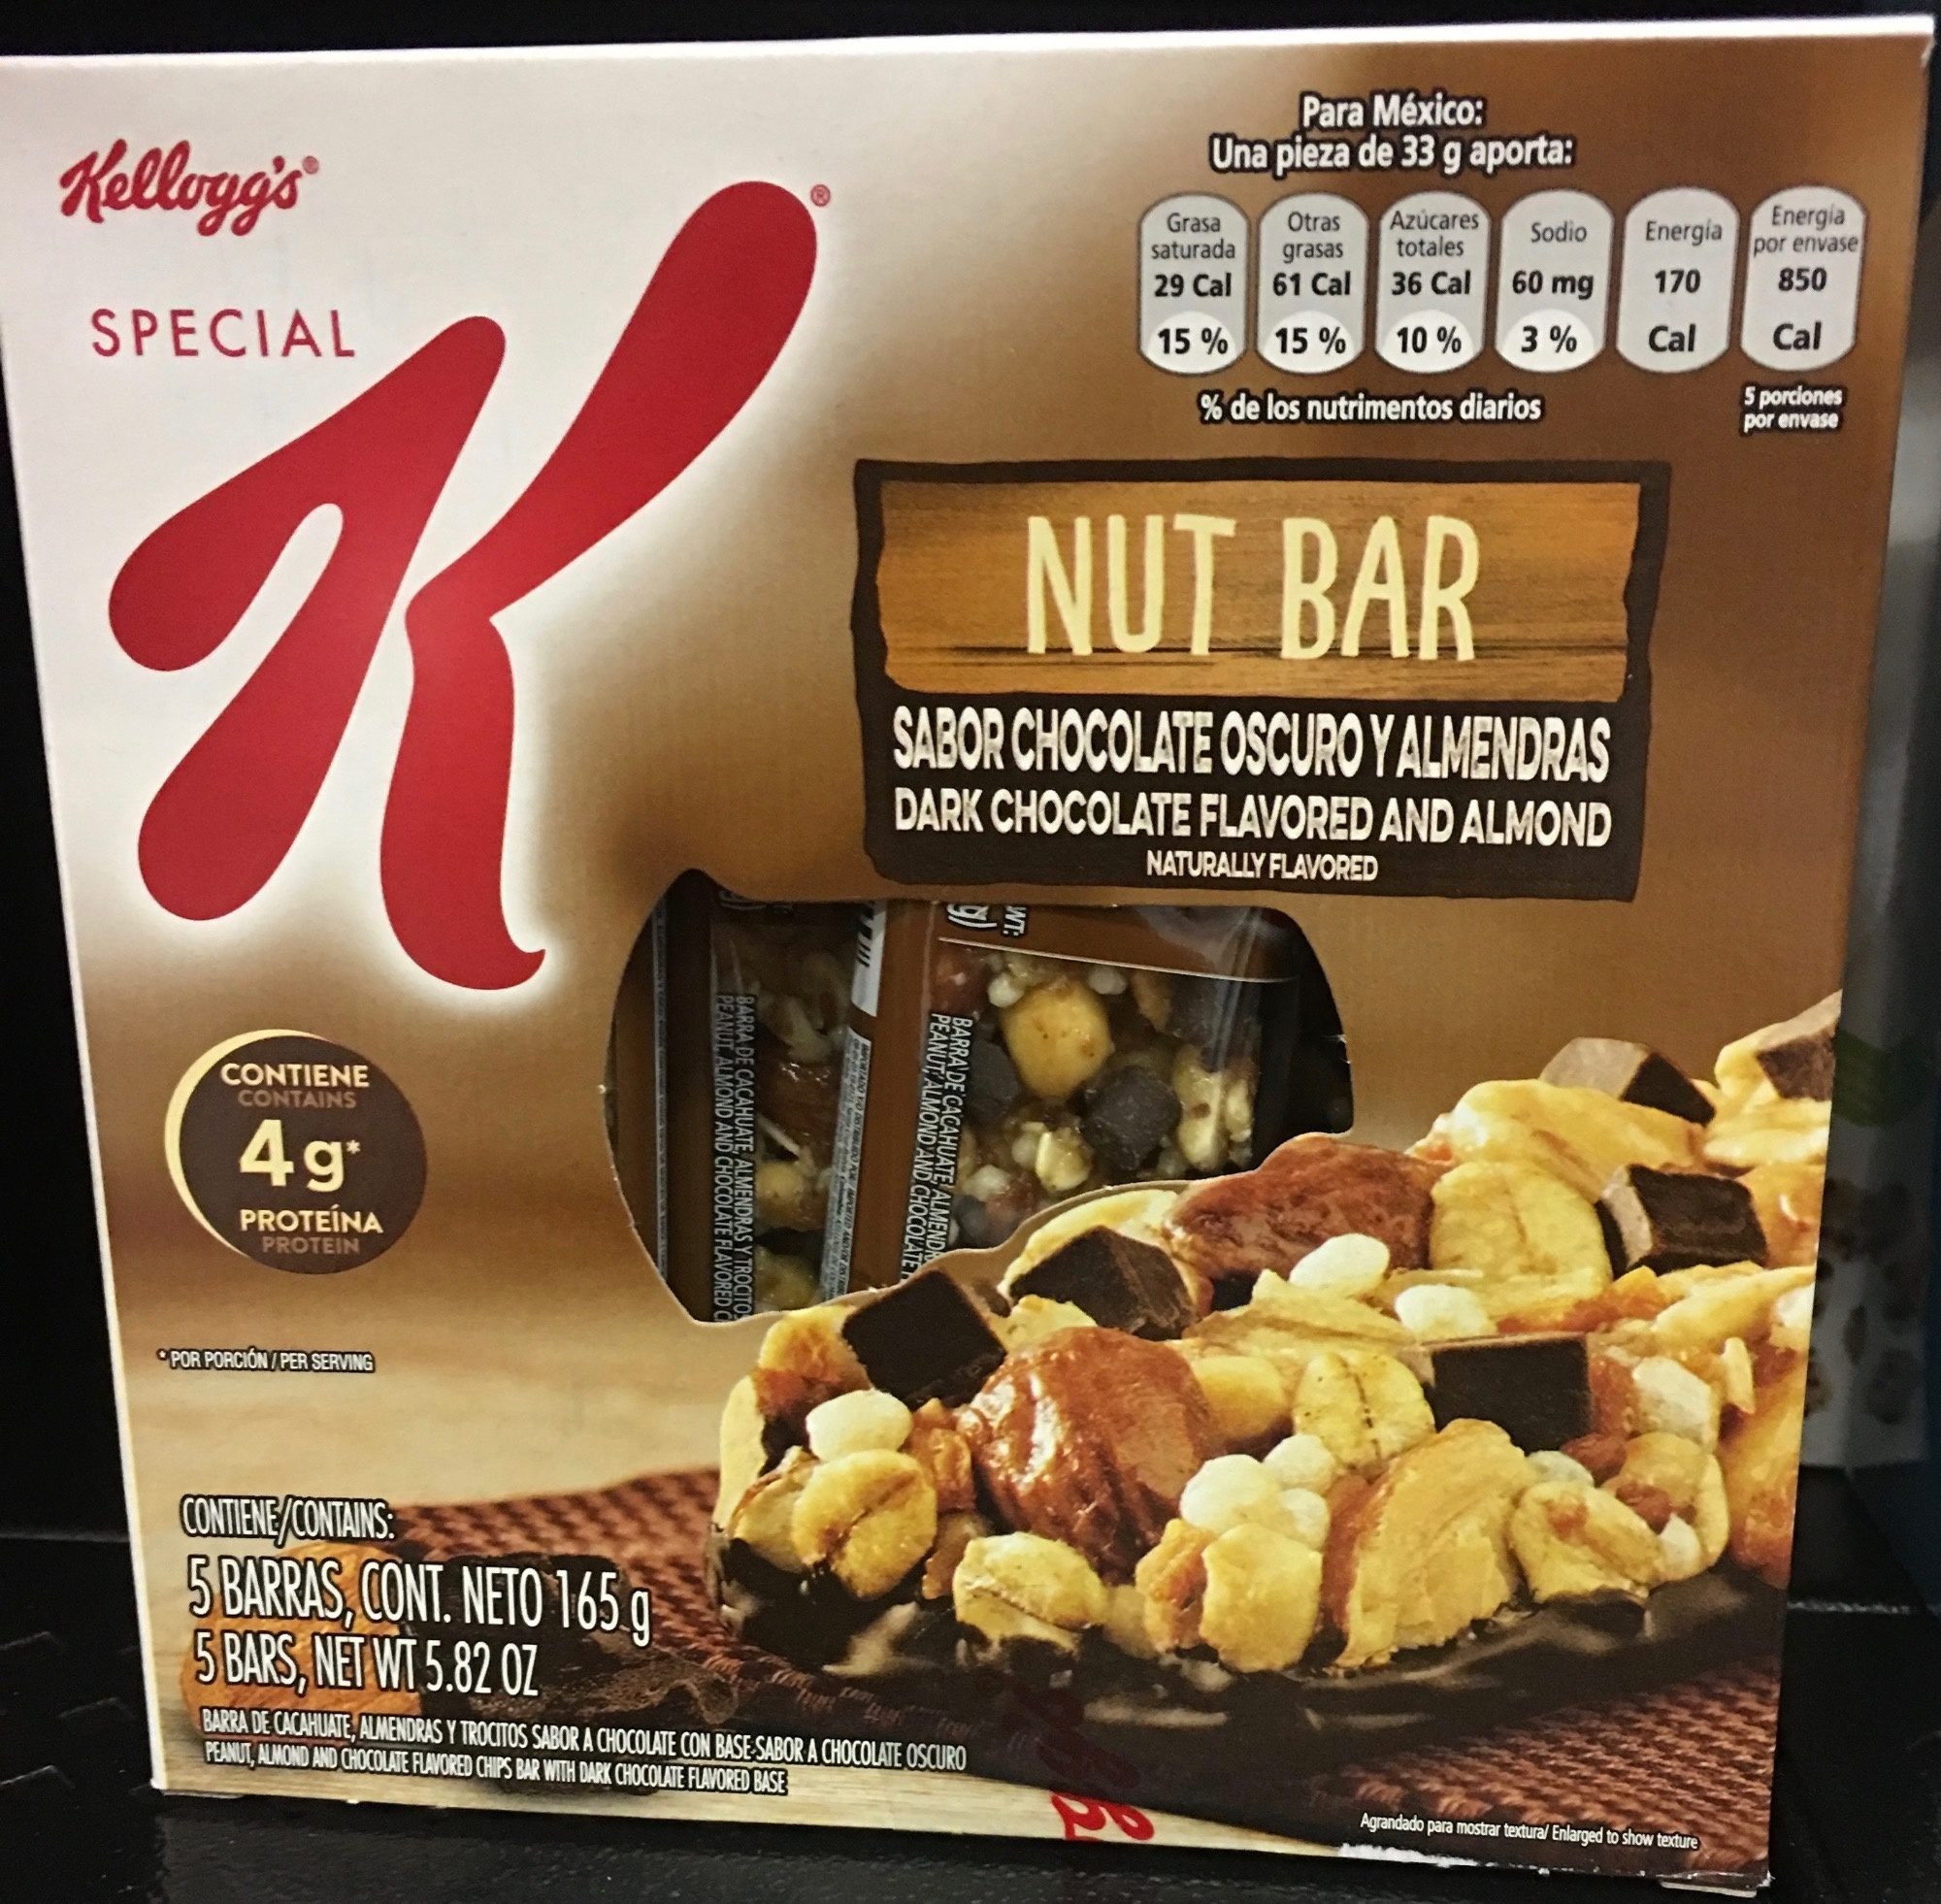 Nut Bar sabor chocolate oscuro y almendras - Producto - es